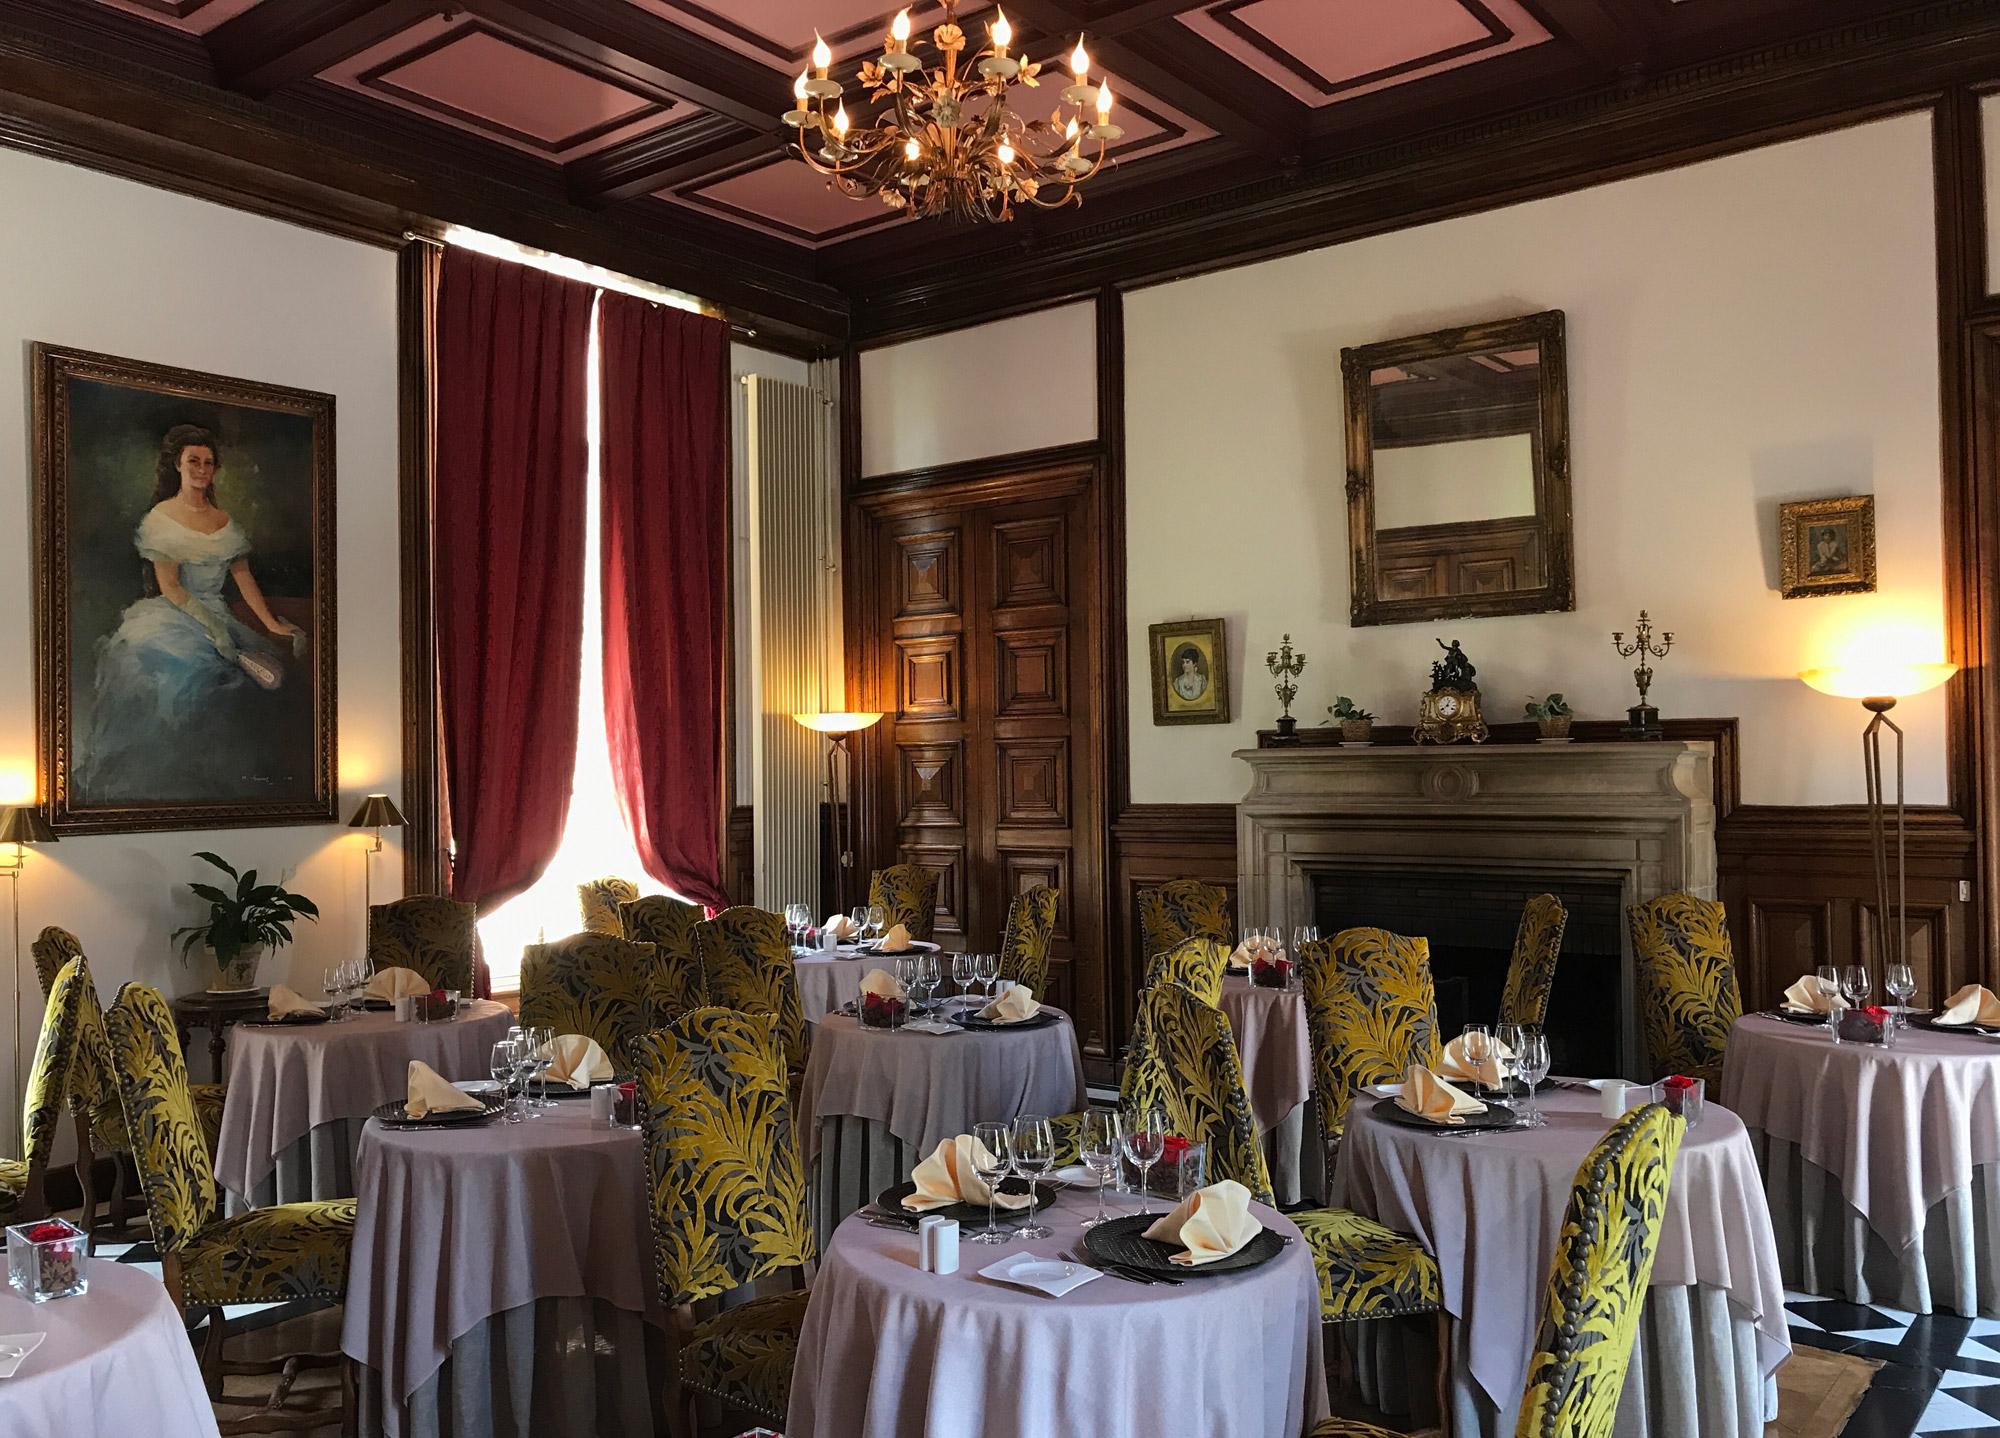 Salle de restauration dans bâtiment d'éqpoque avec ancienne cheminée, toiles peintes aux murs, chaises recouvertes de toile de velours